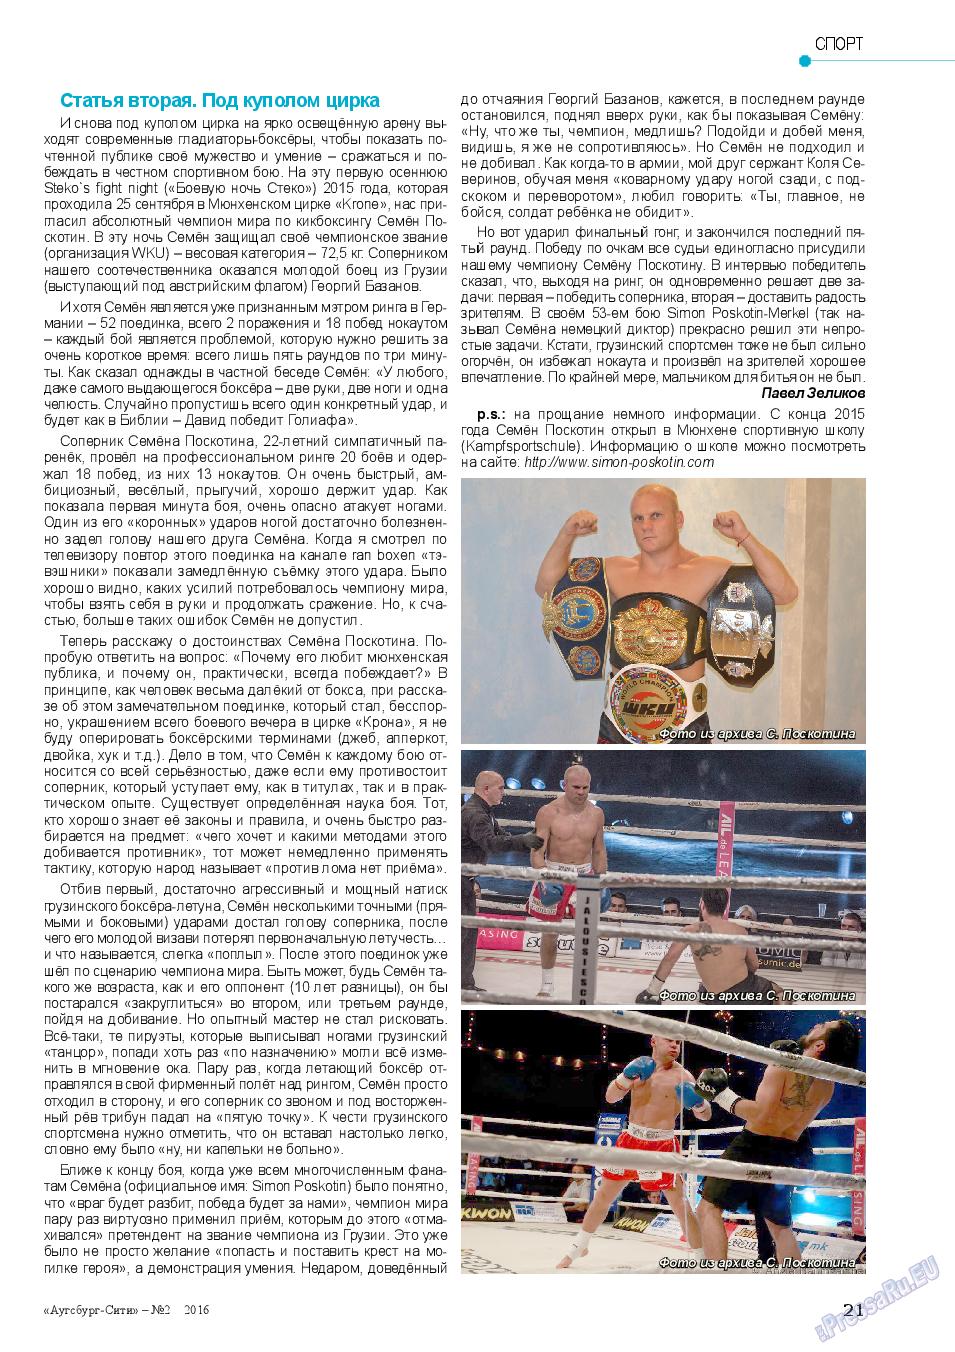 Аугсбург-сити (журнал). 2016 год, номер 2, стр. 21